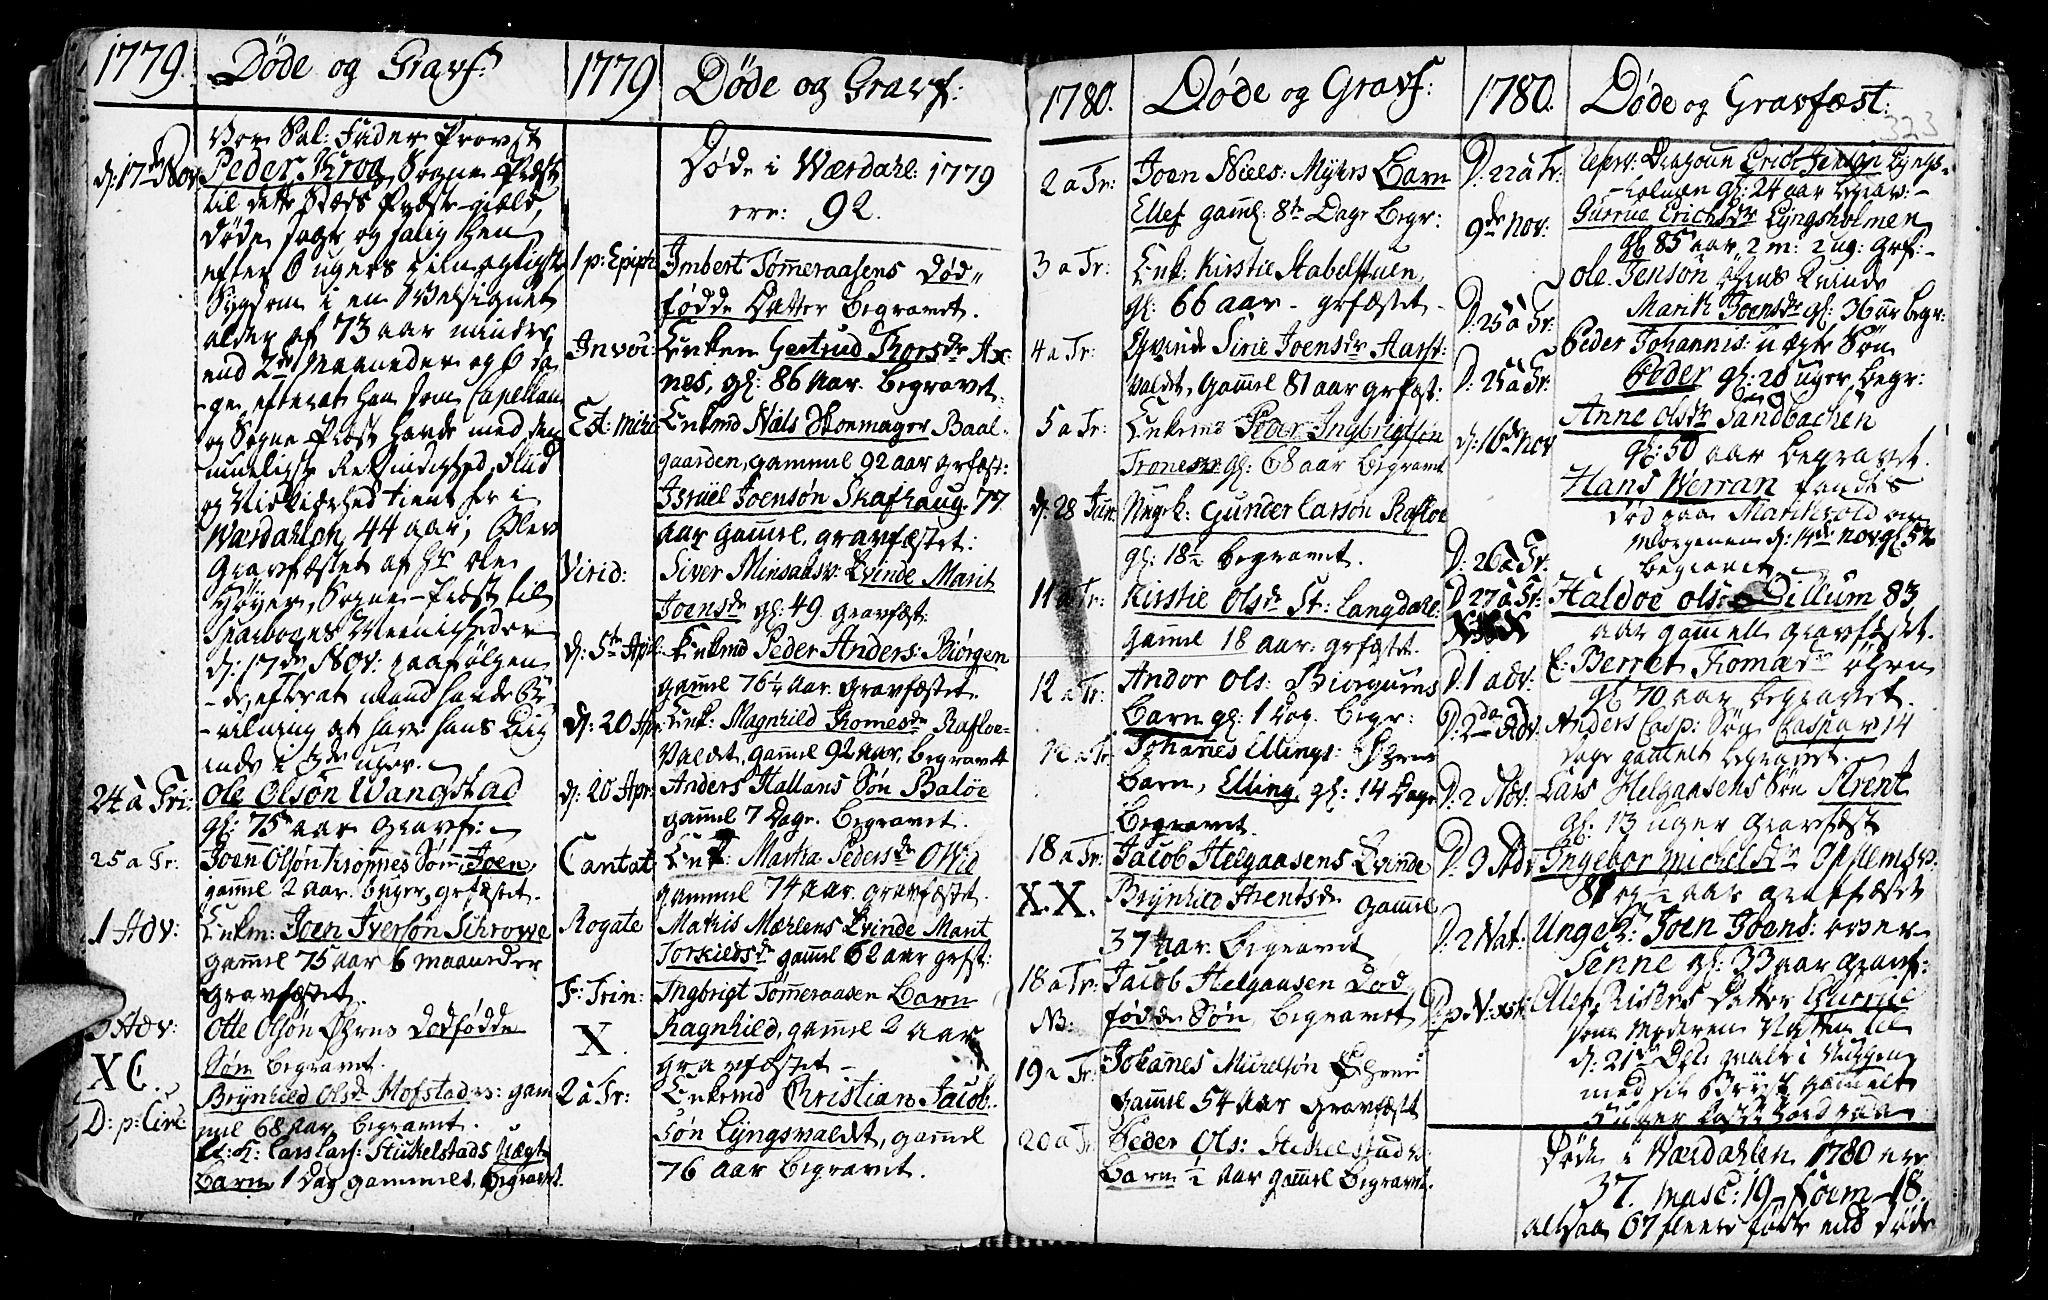 SAT, Ministerialprotokoller, klokkerbøker og fødselsregistre - Nord-Trøndelag, 723/L0231: Ministerialbok nr. 723A02, 1748-1780, s. 323